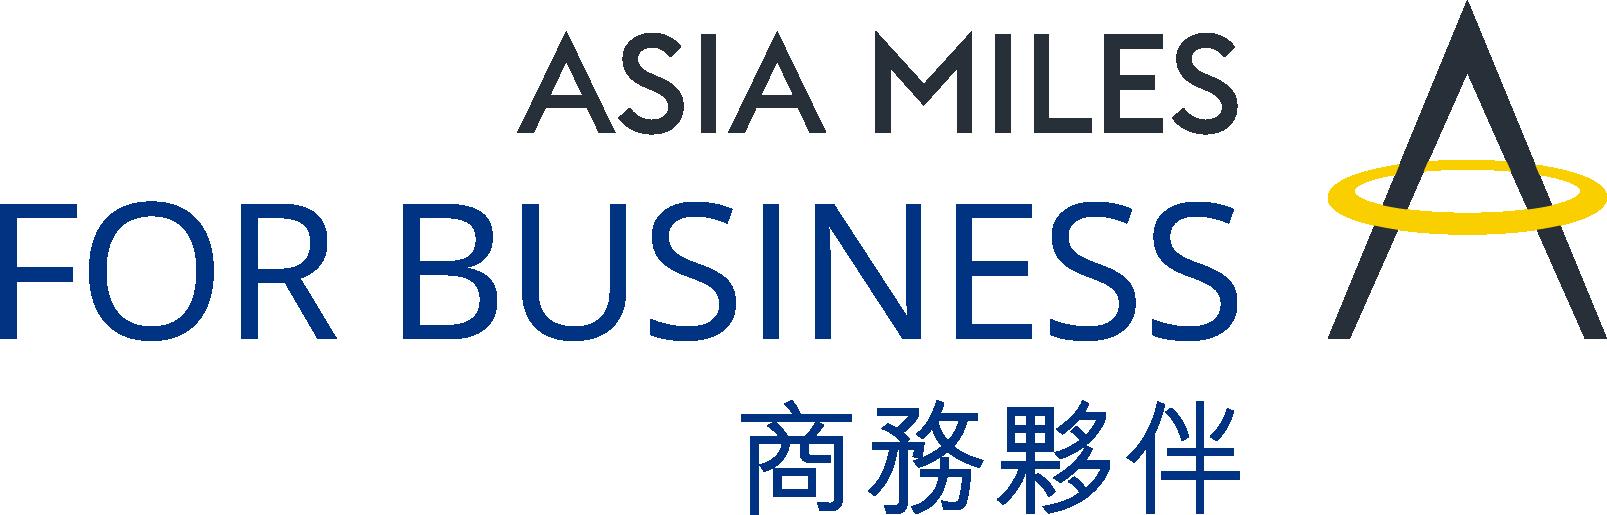 AsiaMiles